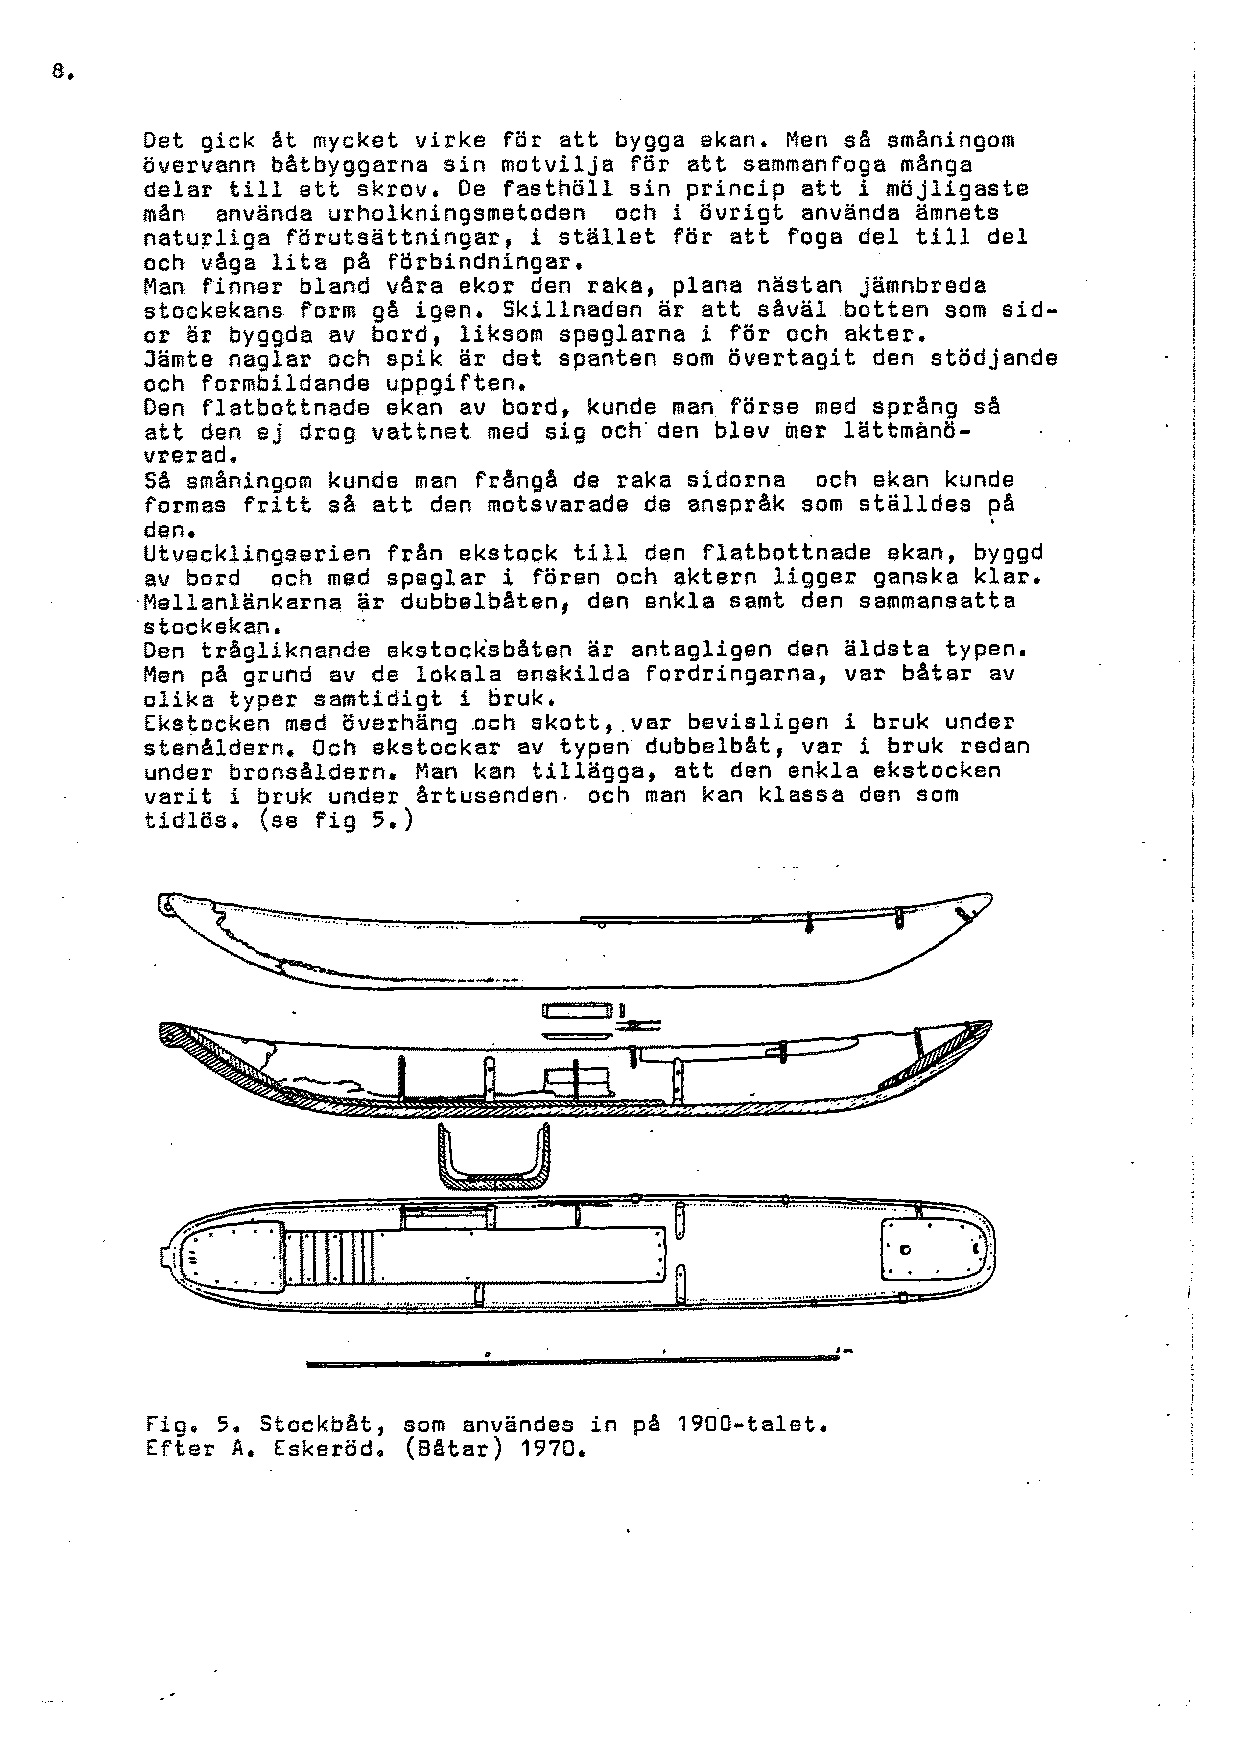 Stockbåtar4